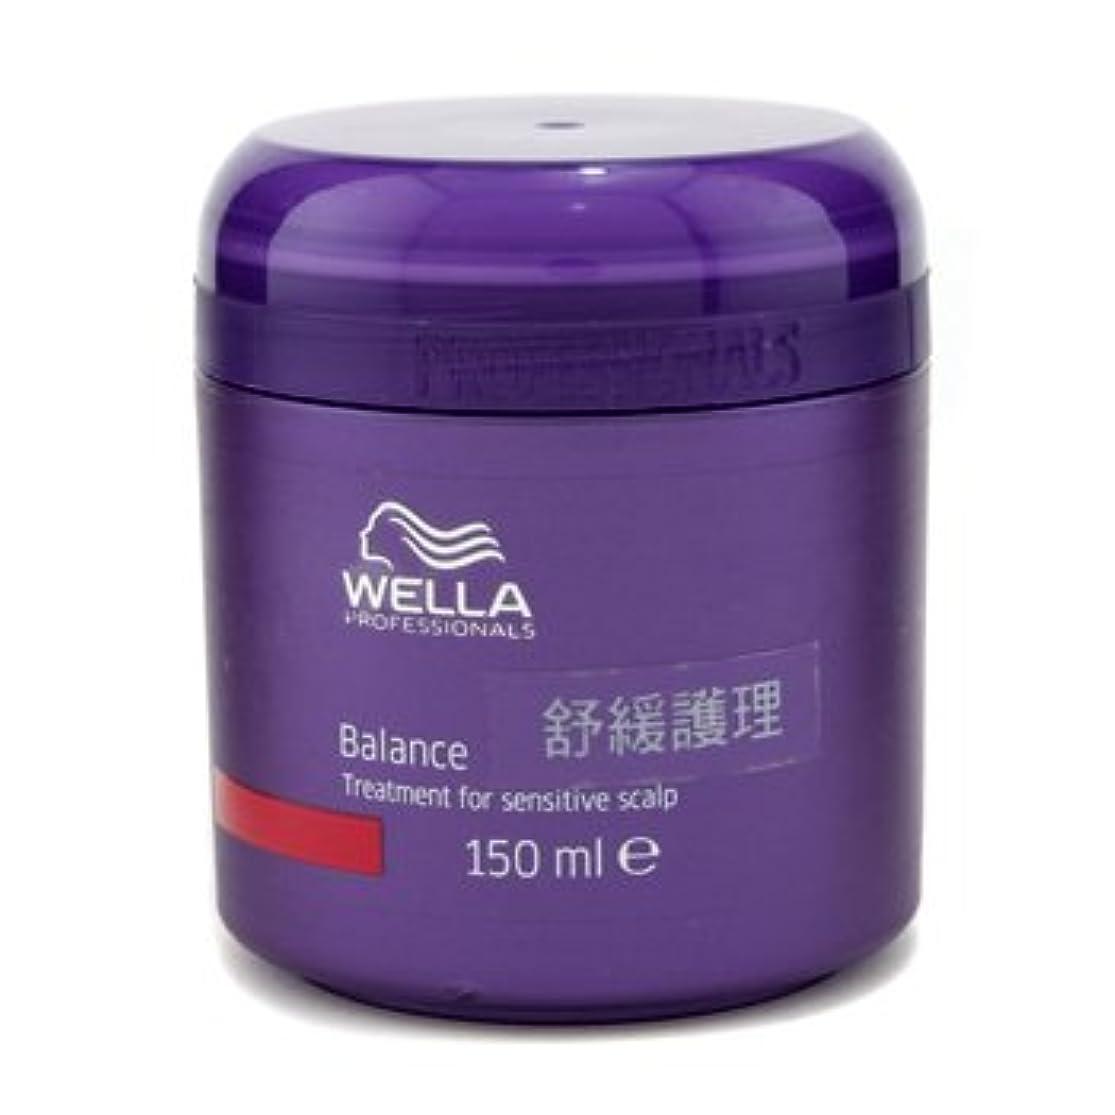 規模政治序文[ウエラ] バランス トリートメント 敏感な地肌用 150ml/5oz